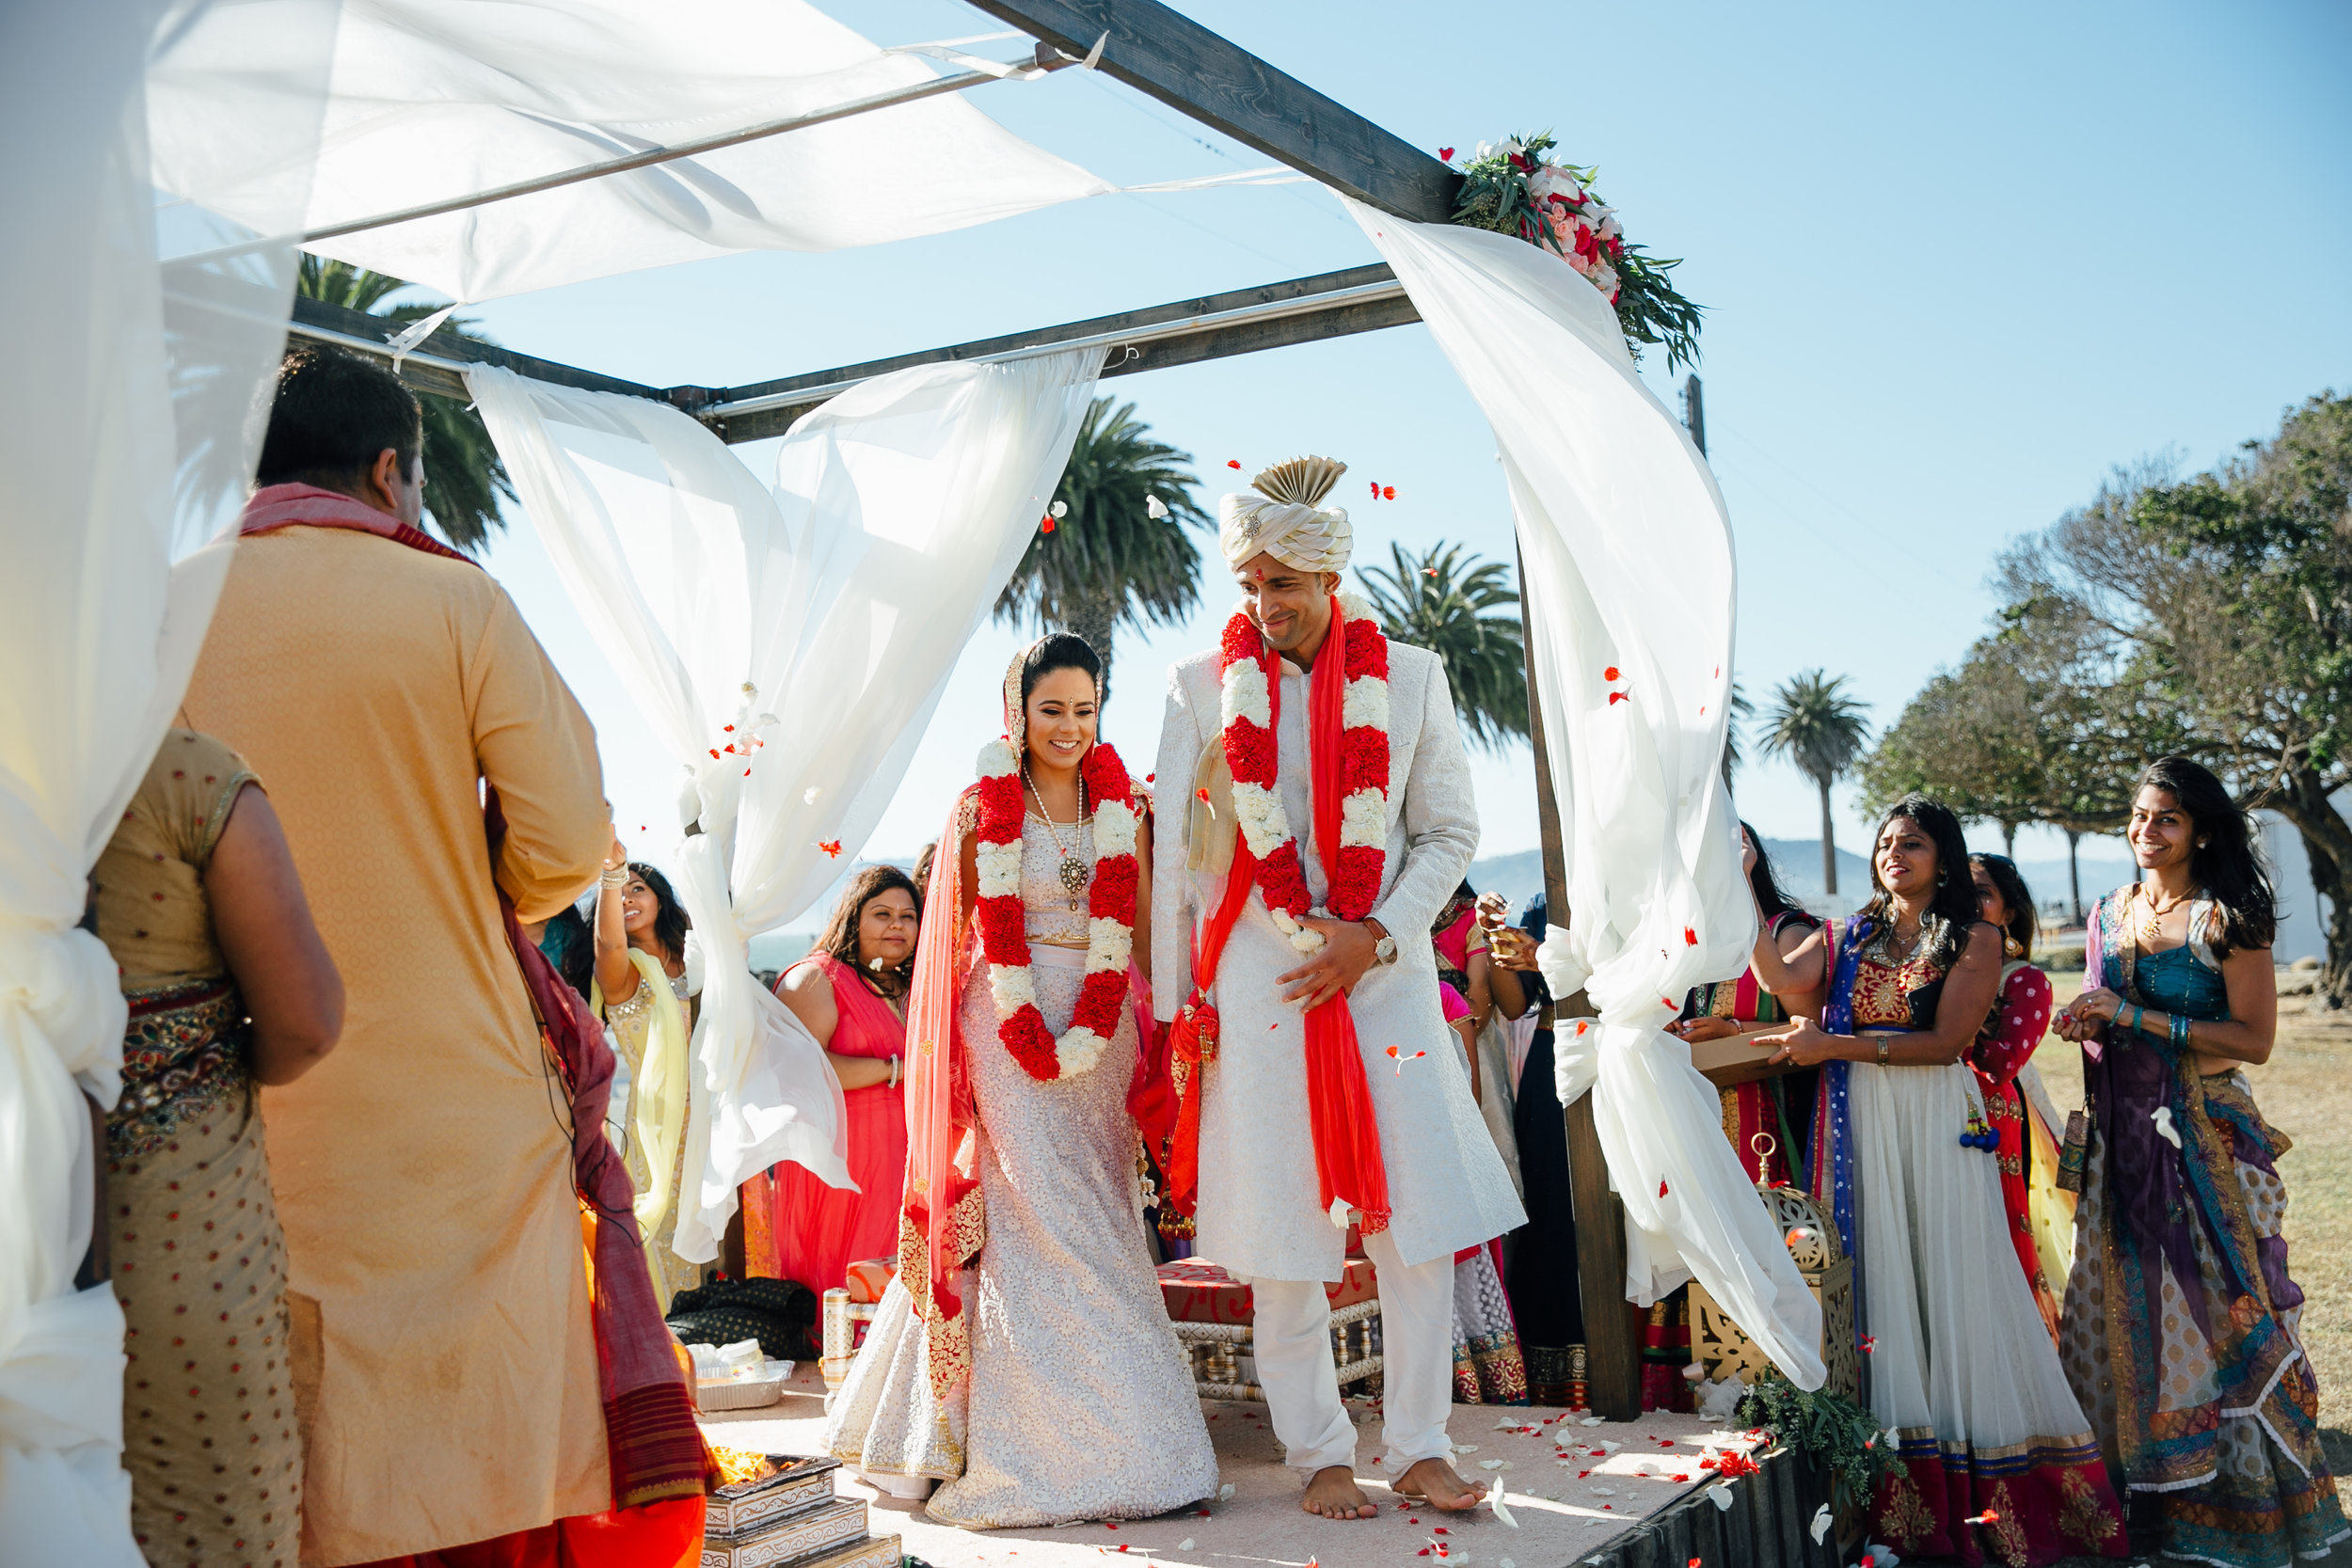 Wedding_Sara&Shail_C3_20150906_144.jpg